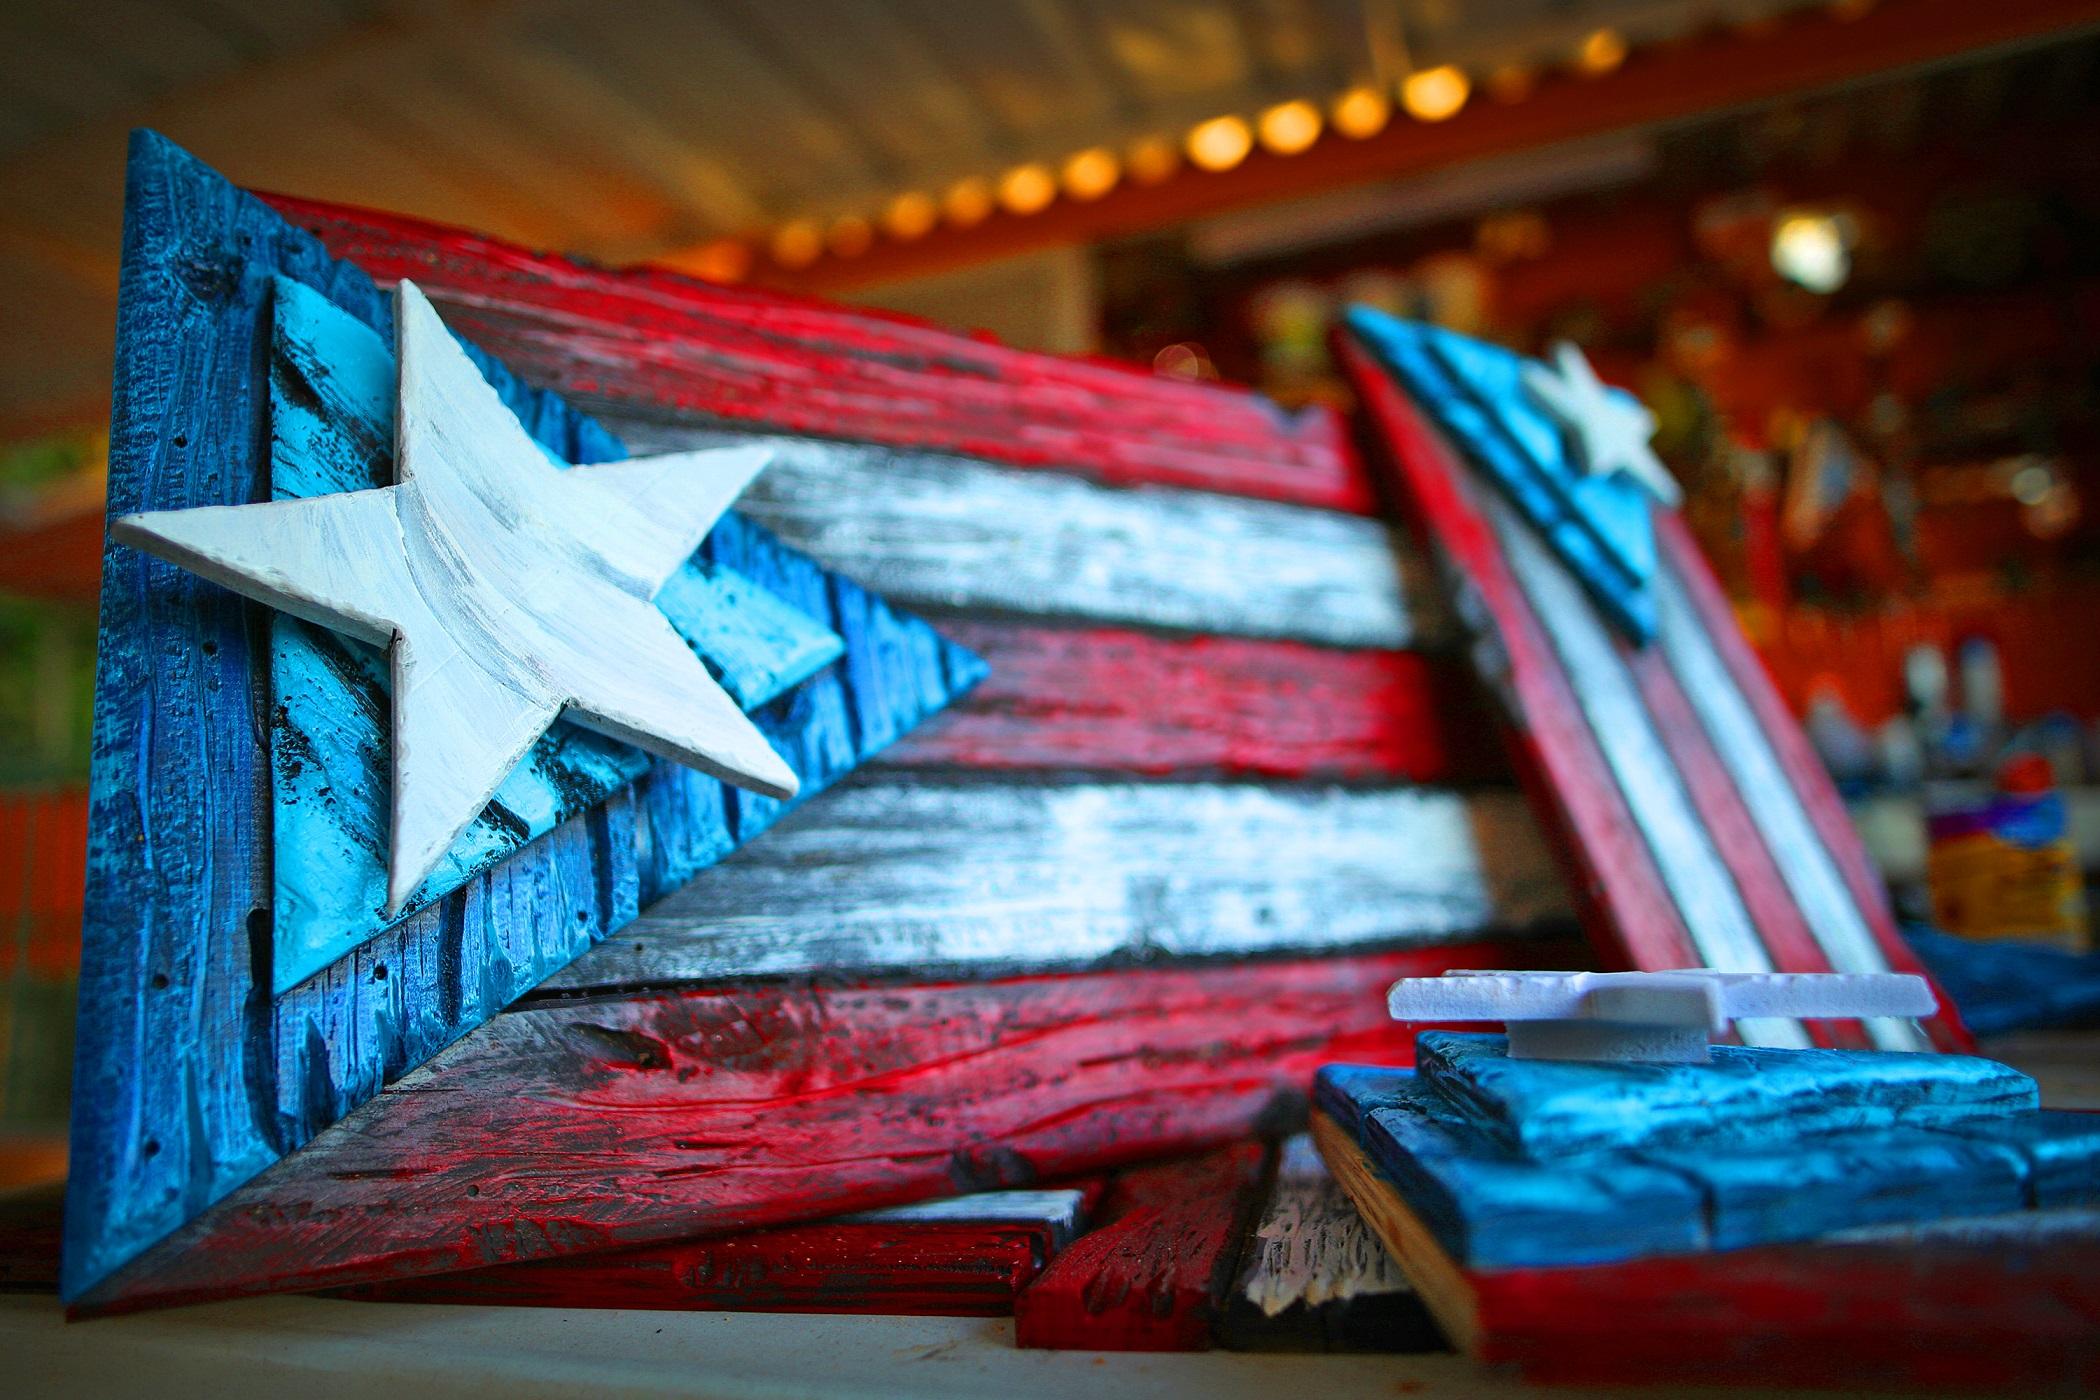 Banderas artesanales hechas en madera por el artista puertorriqueño Juan Luis Martínez Torres. Cada pieza es tallada, cortada y marcada profunda en cada franja para presentarla con mucha fuerza, por lo que obtendrá una pieza de arte única. Banderas disponibles en distintos tamaños. www.BanderasArtesanales.com (Suministrada)